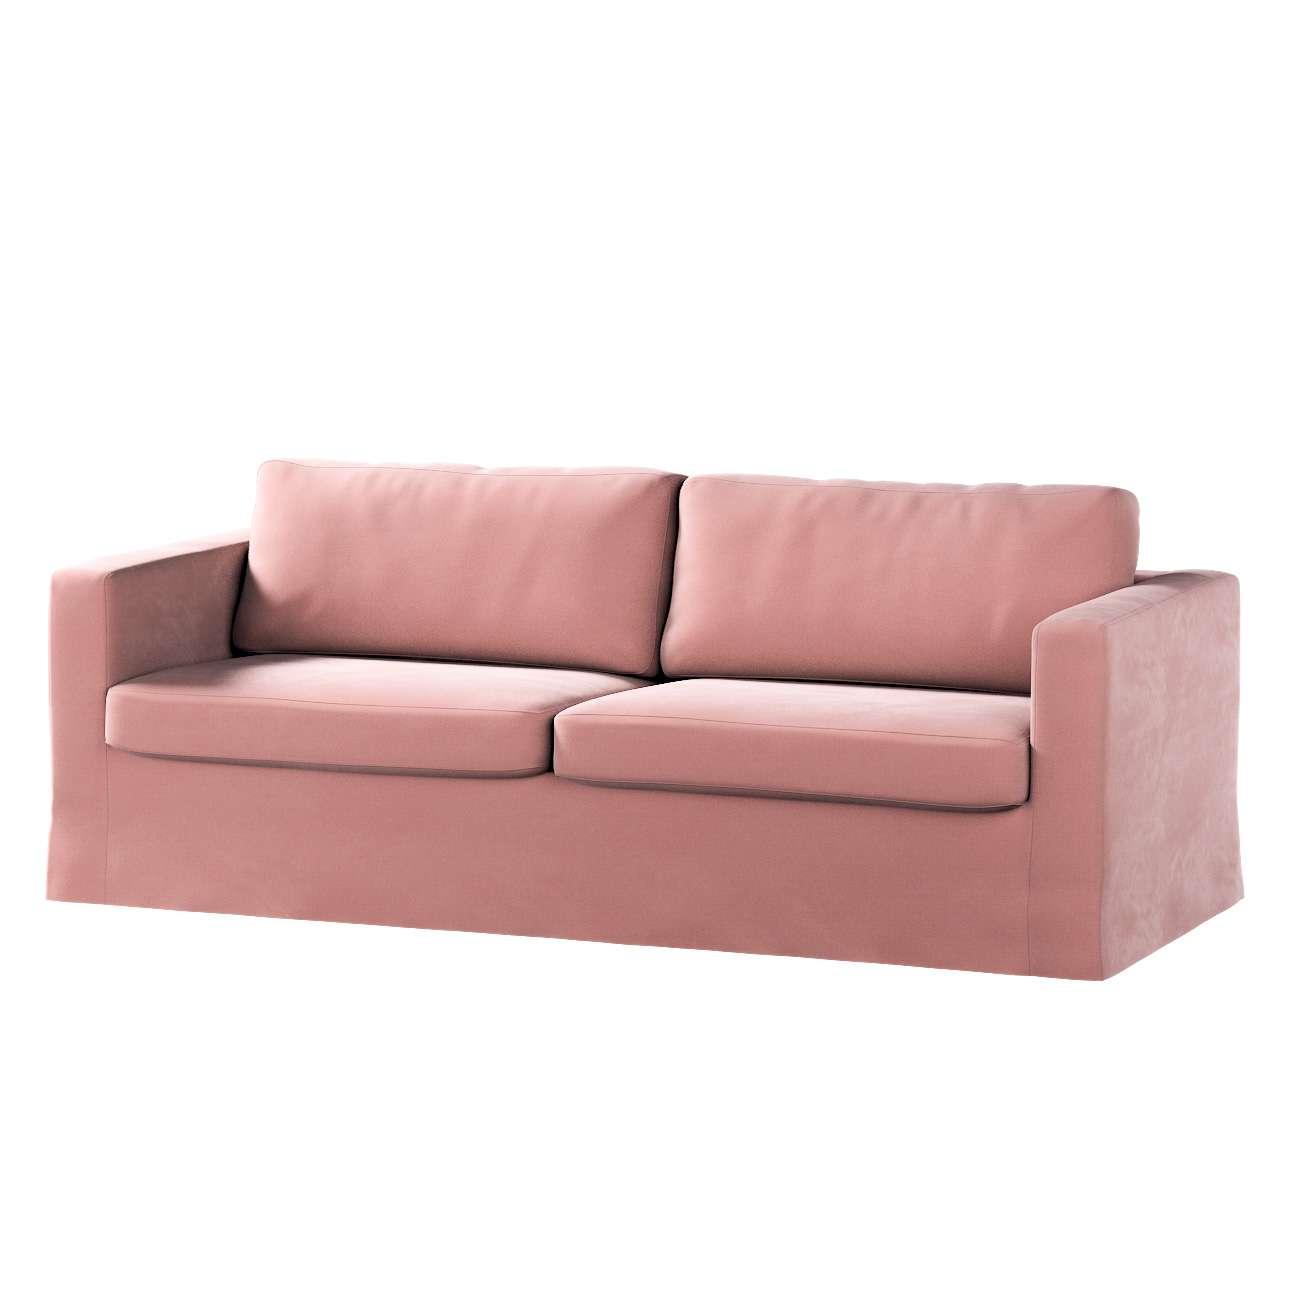 Pokrowiec na sofę Karlstad 3-osobową nierozkładaną, długi w kolekcji Velvet, tkanina: 704-30